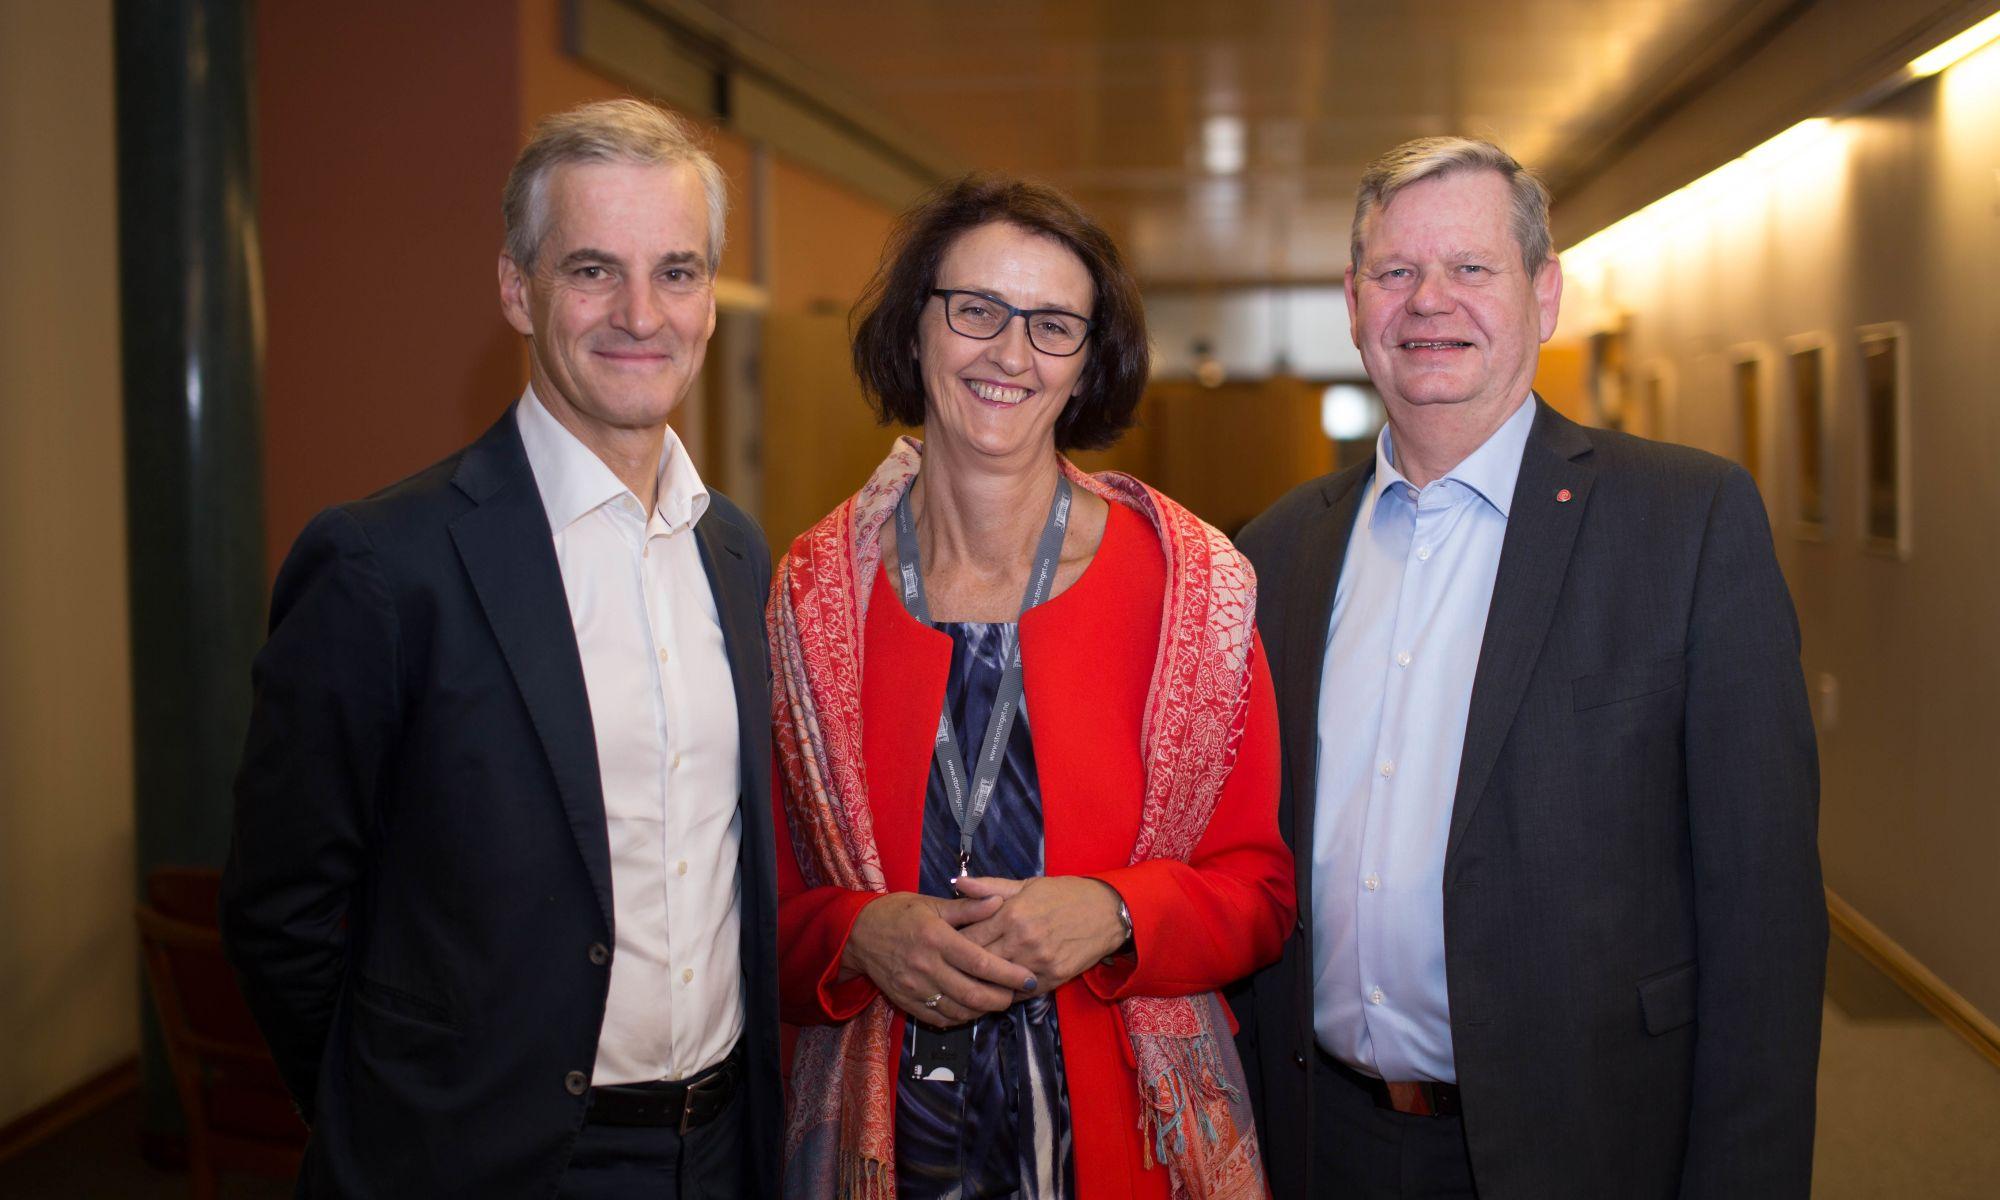 Jonas Gahr Støre, Kari Henriksen og Odd Omland mener Arbeid er det viktigste for Vest-Agder